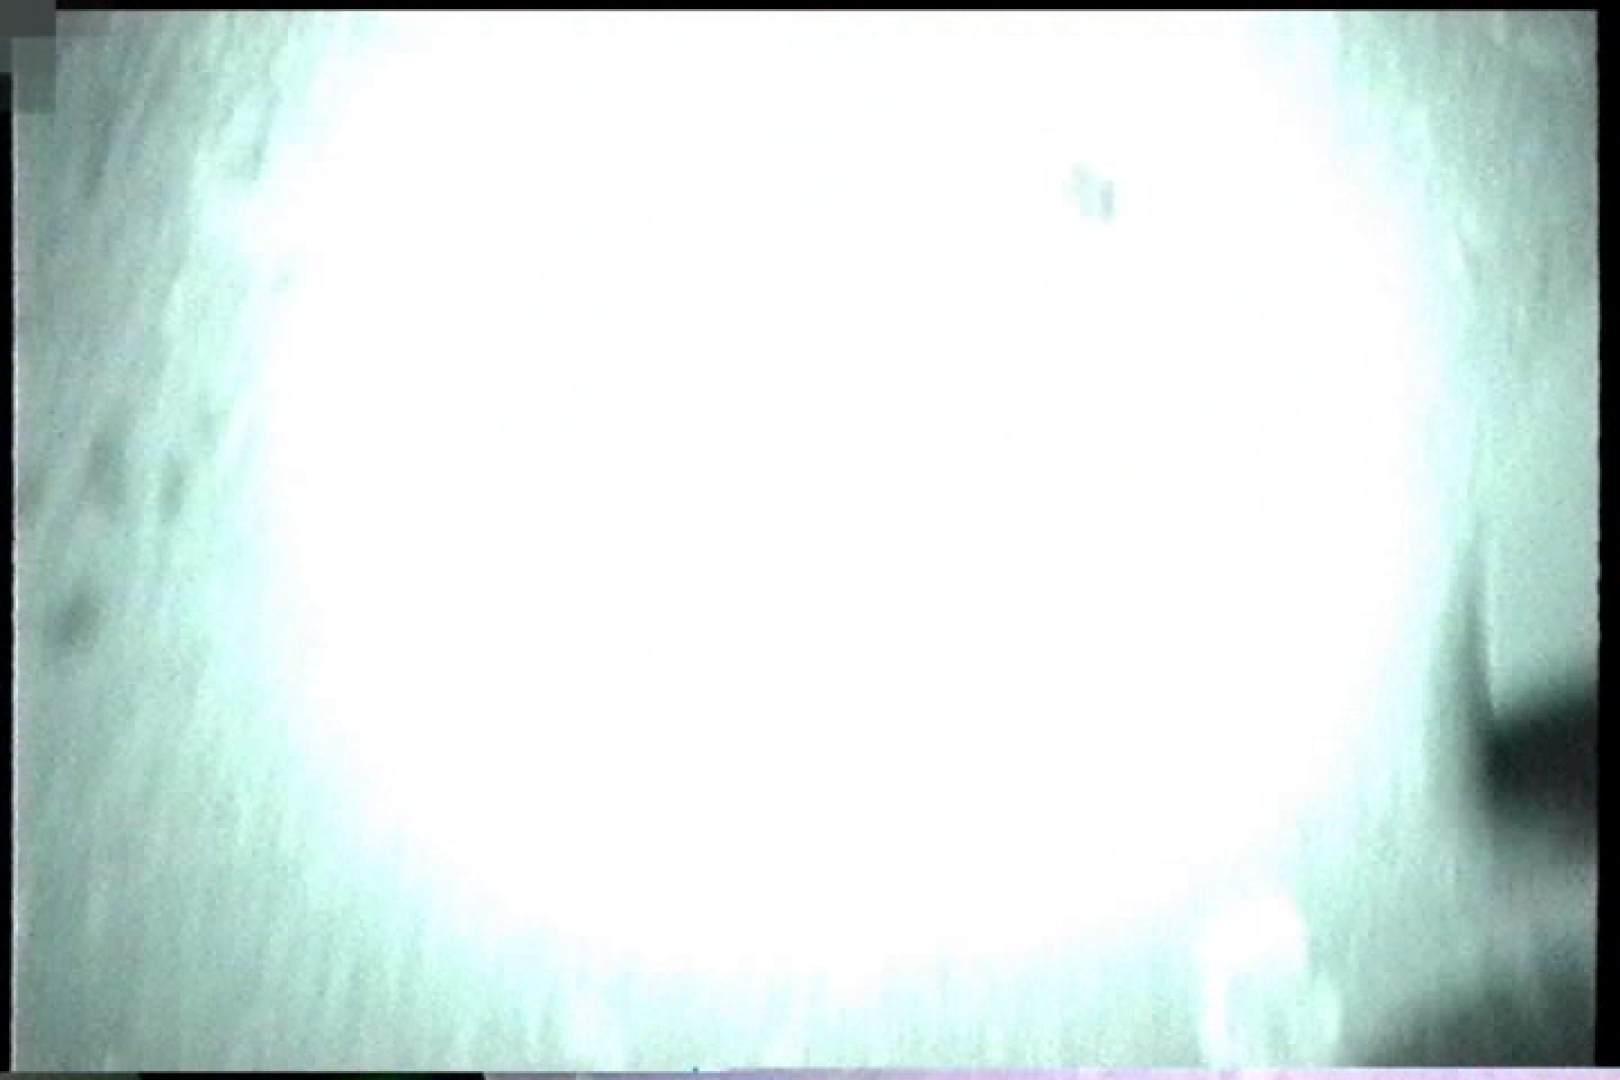 充血監督の深夜の運動会Vol.222 OLの実態 盗撮おまんこ無修正動画無料 30pic 17